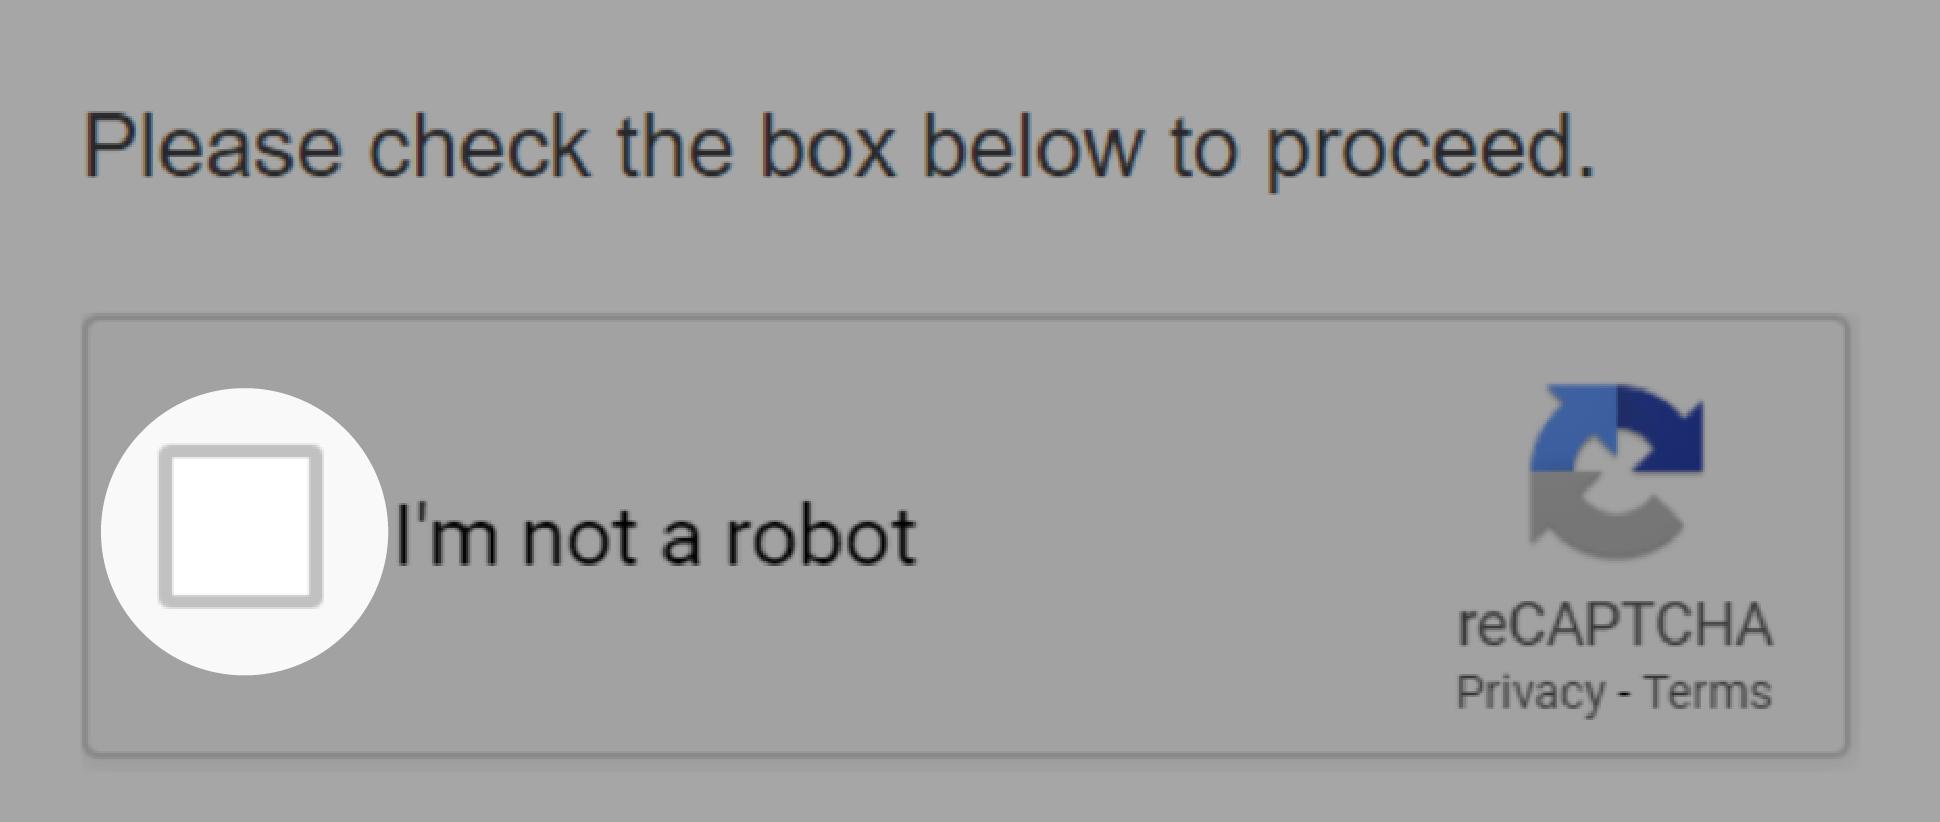 Captcha_i_m_not_a_robot_callout-01.png